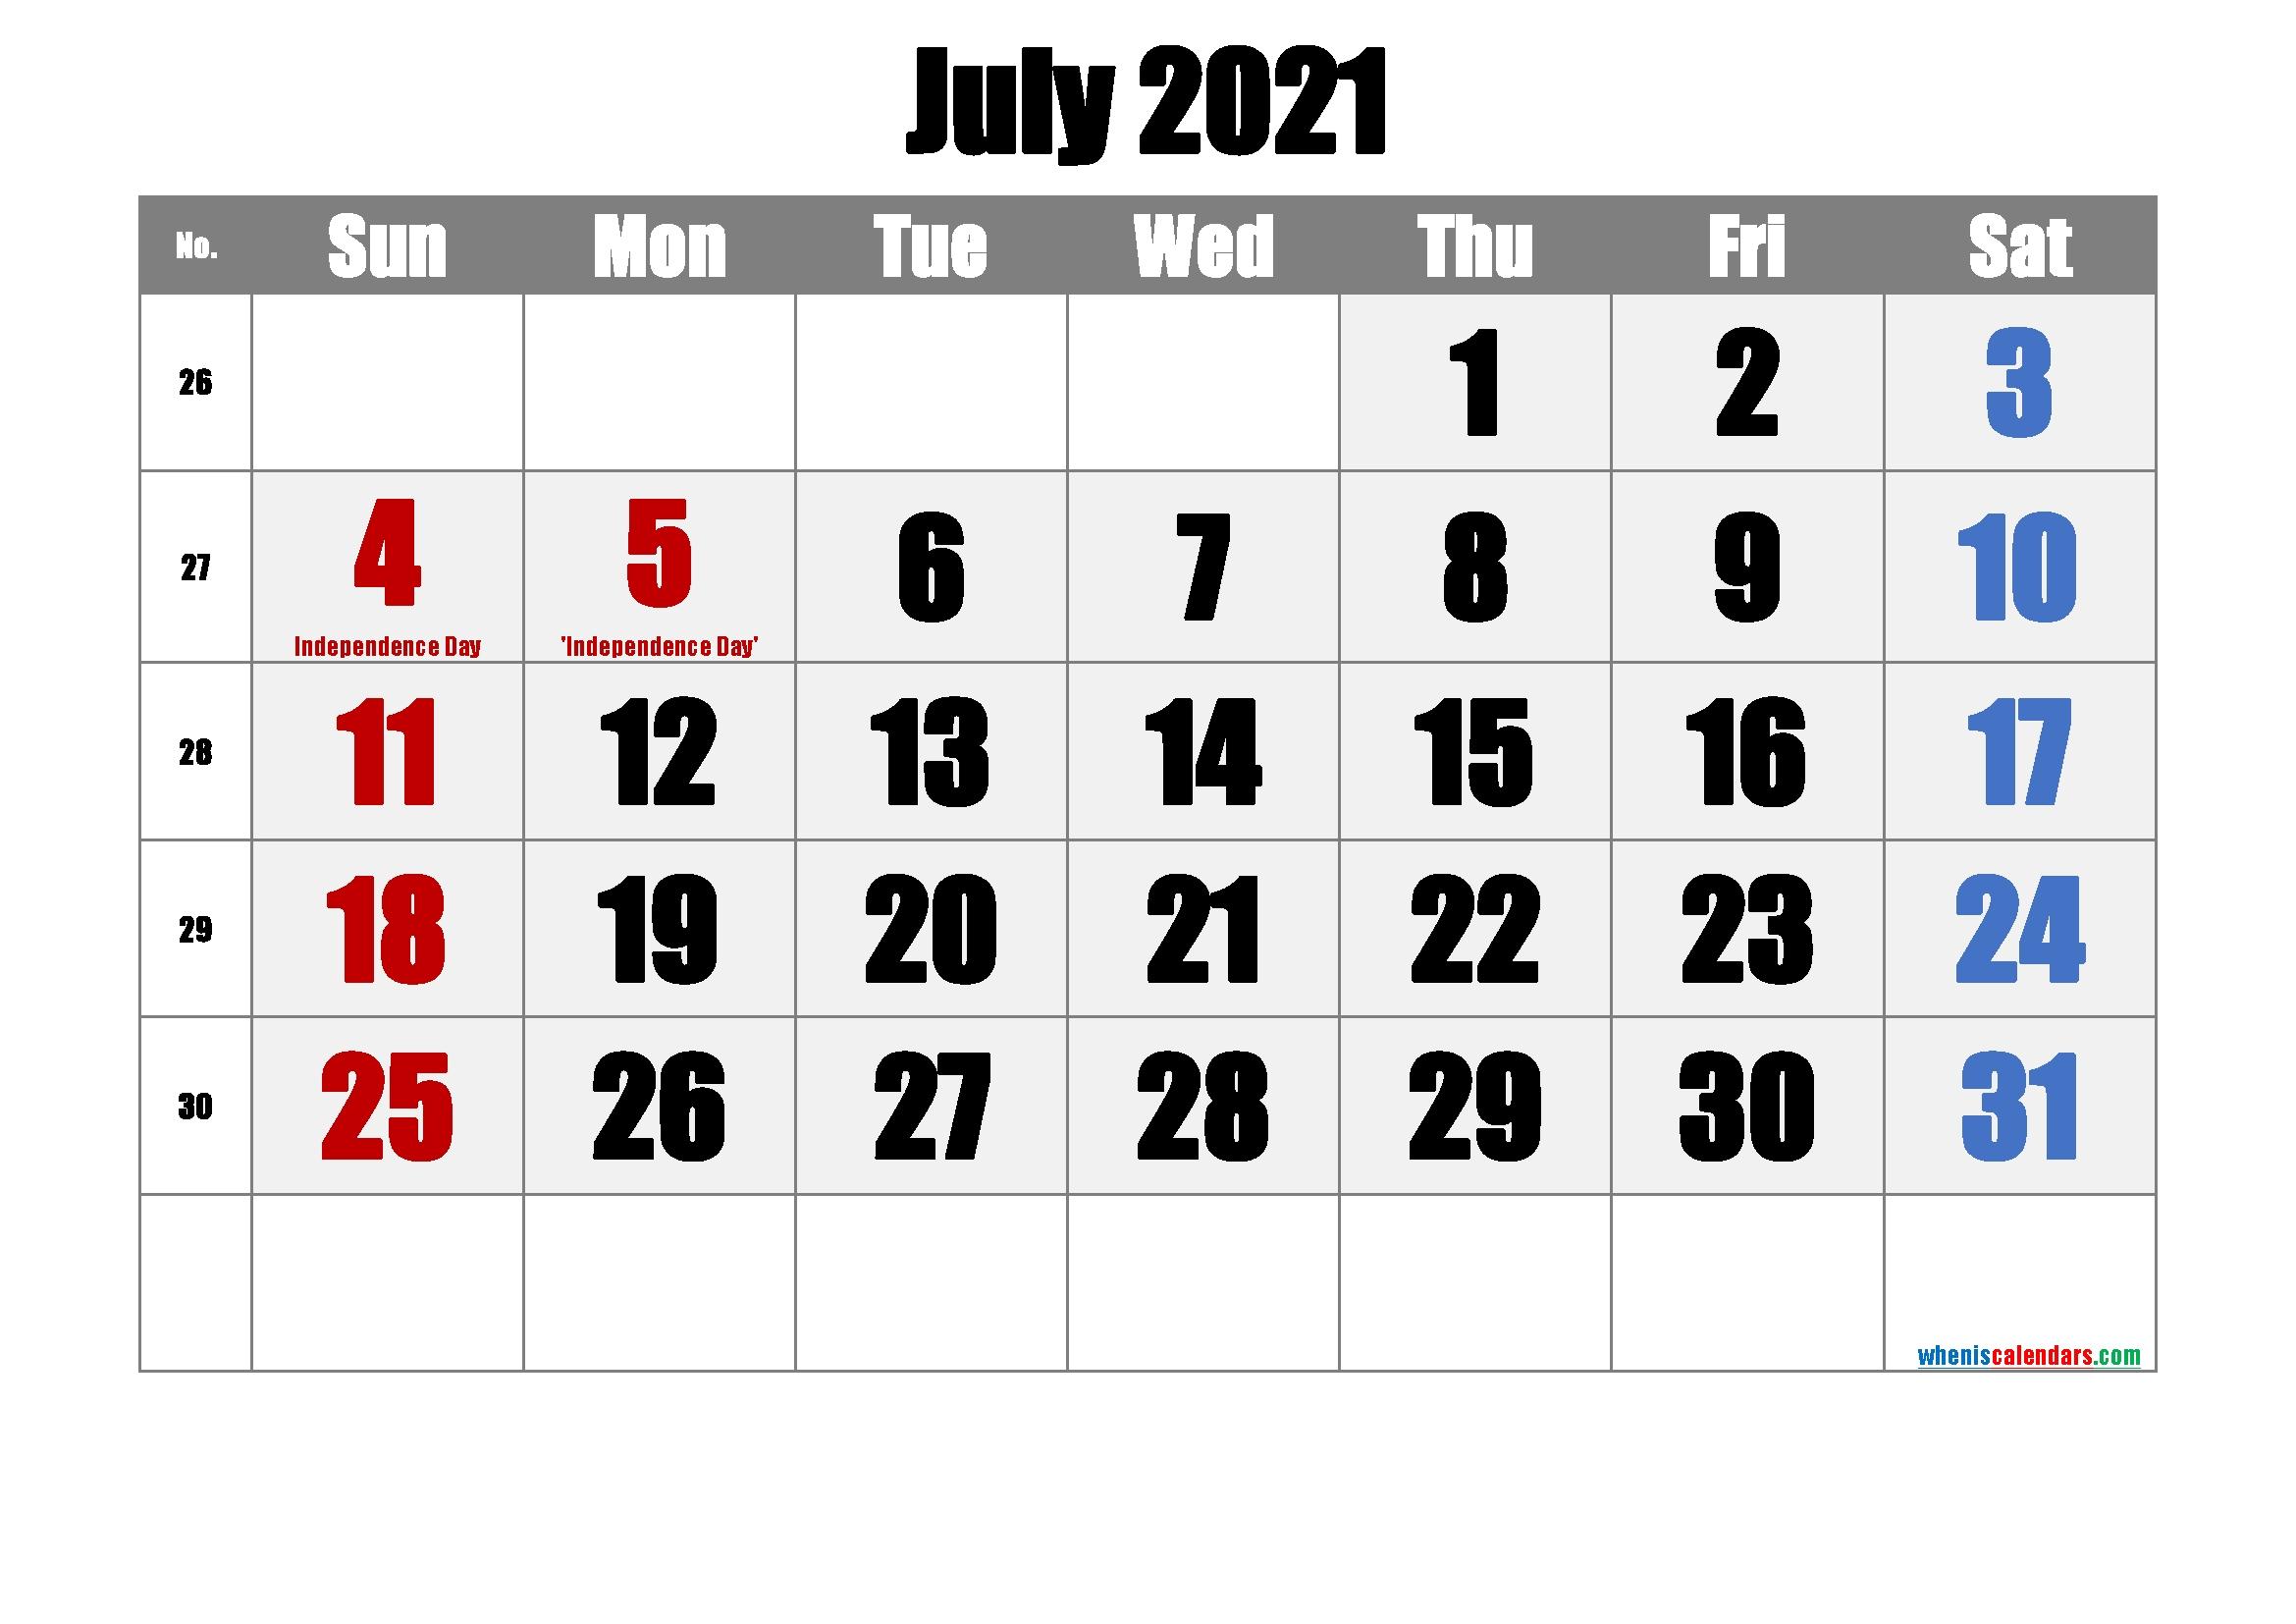 Free Printable July 2021 Calendar In 2020 | Printable